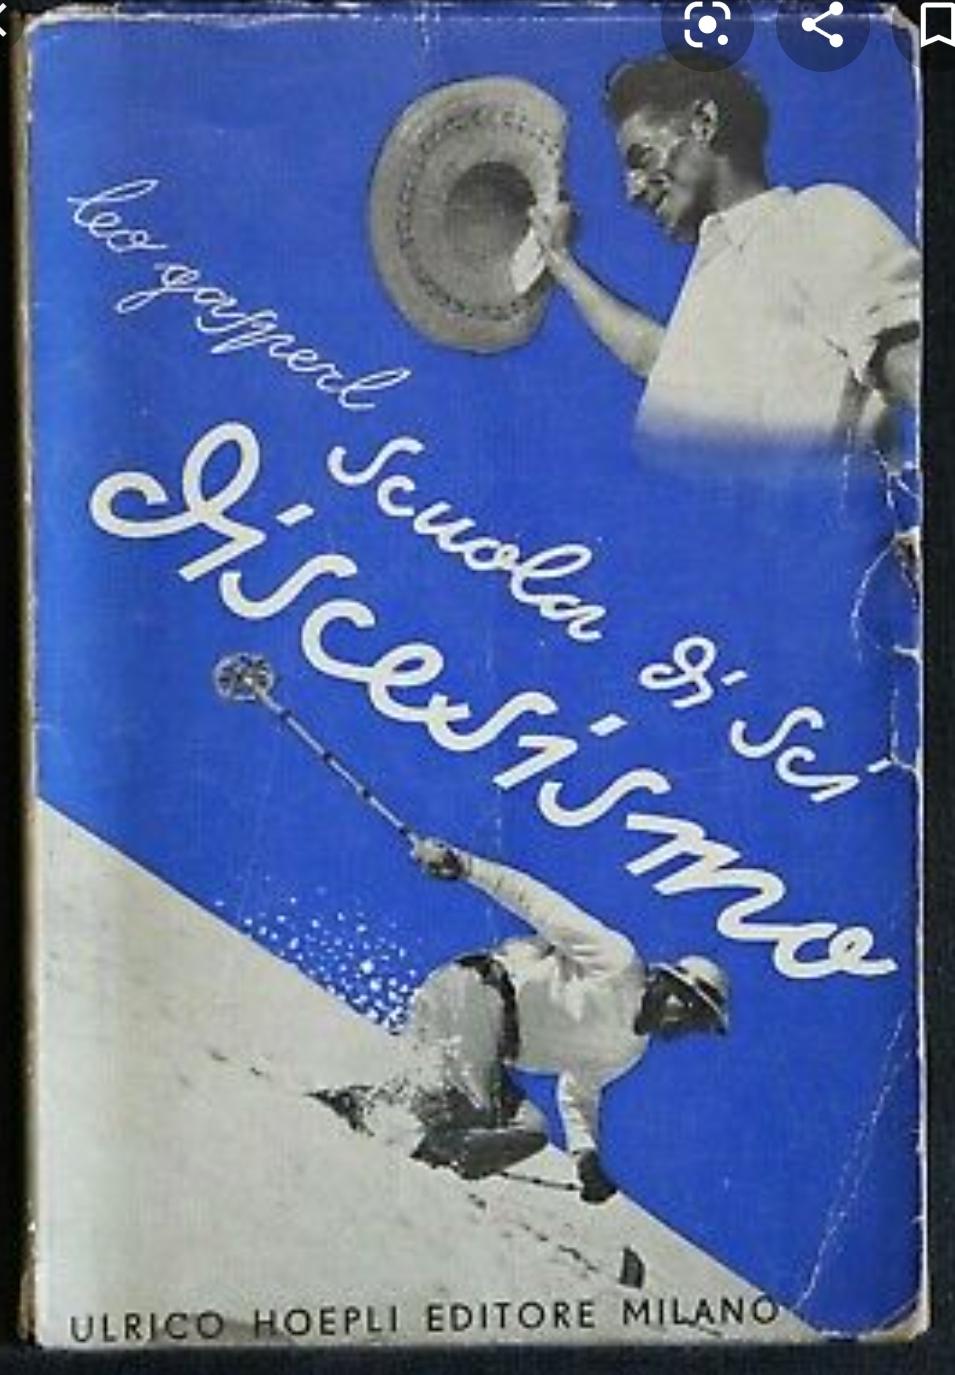 RARISSIMO -SCUOLA DI SCI.- Discesismo di L. Gasperi, 1a ed. Hoepli, 1939. A 21.90 €